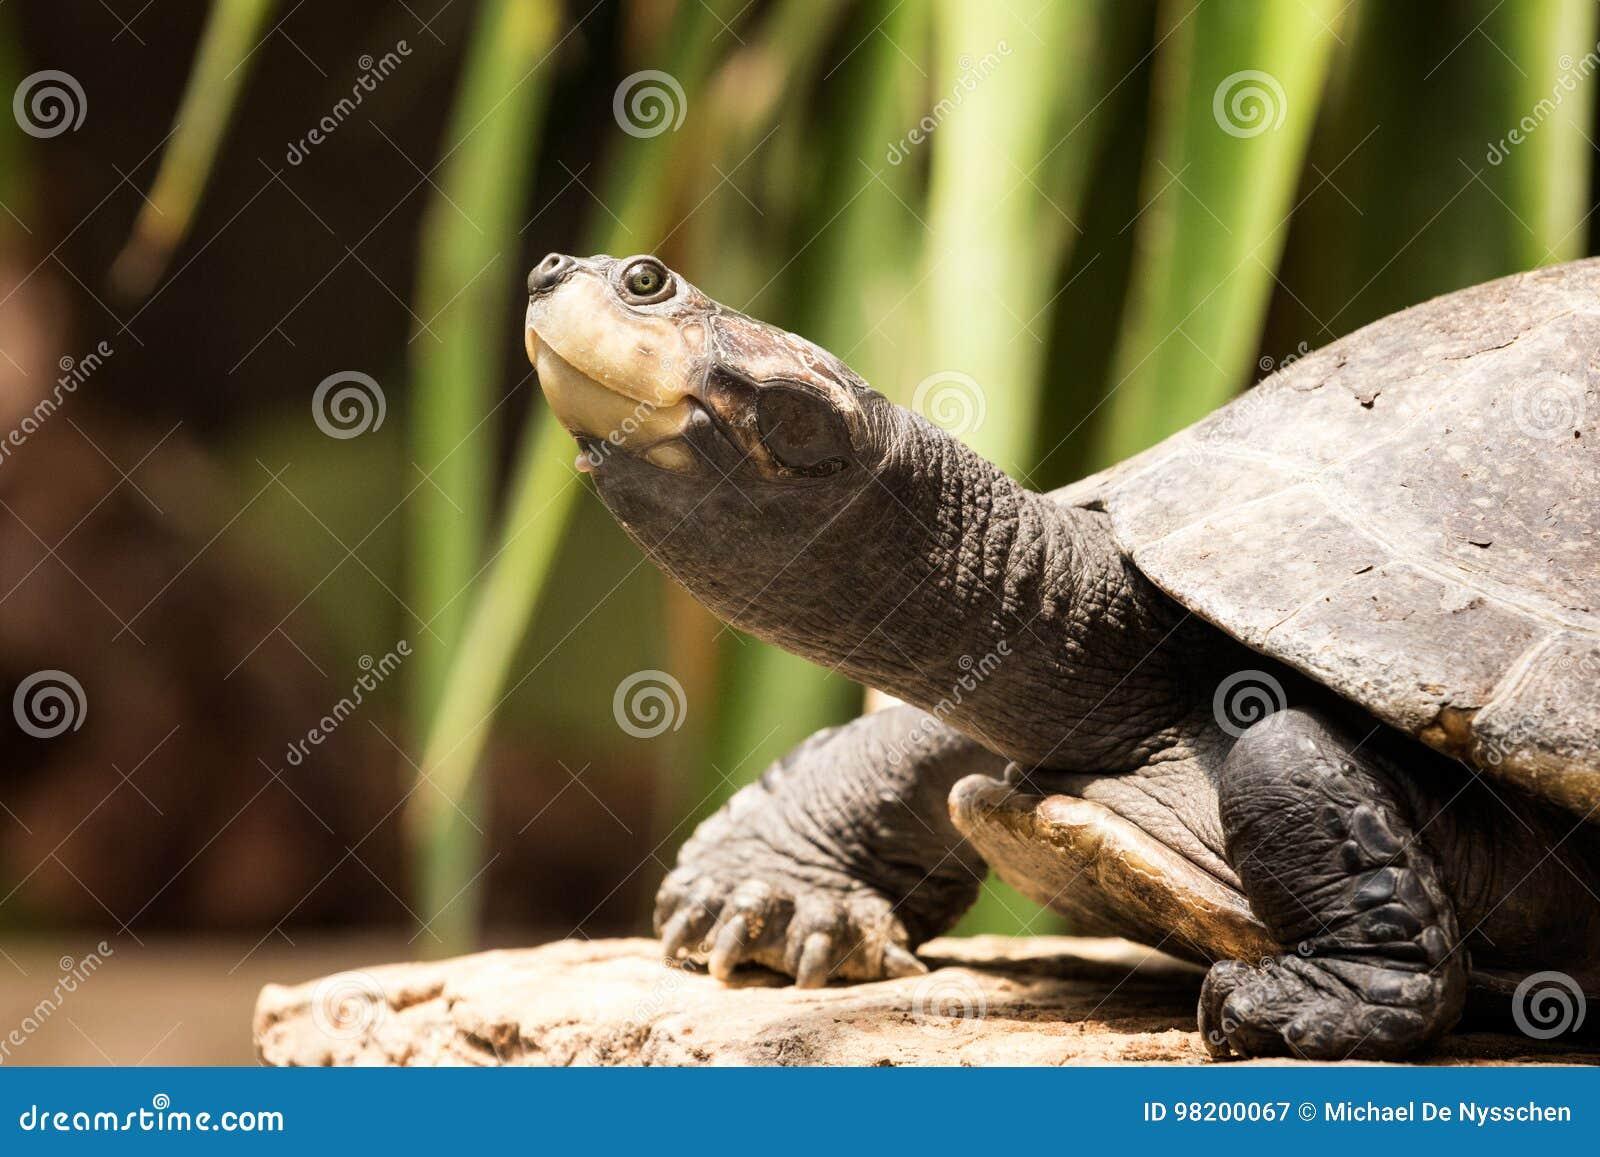 Download Водяная черепаха Serrated водяной черепахой прикрепленная на петлях Стоковое Изображение - изображение насчитывающей глаз, terrapin: 98200067